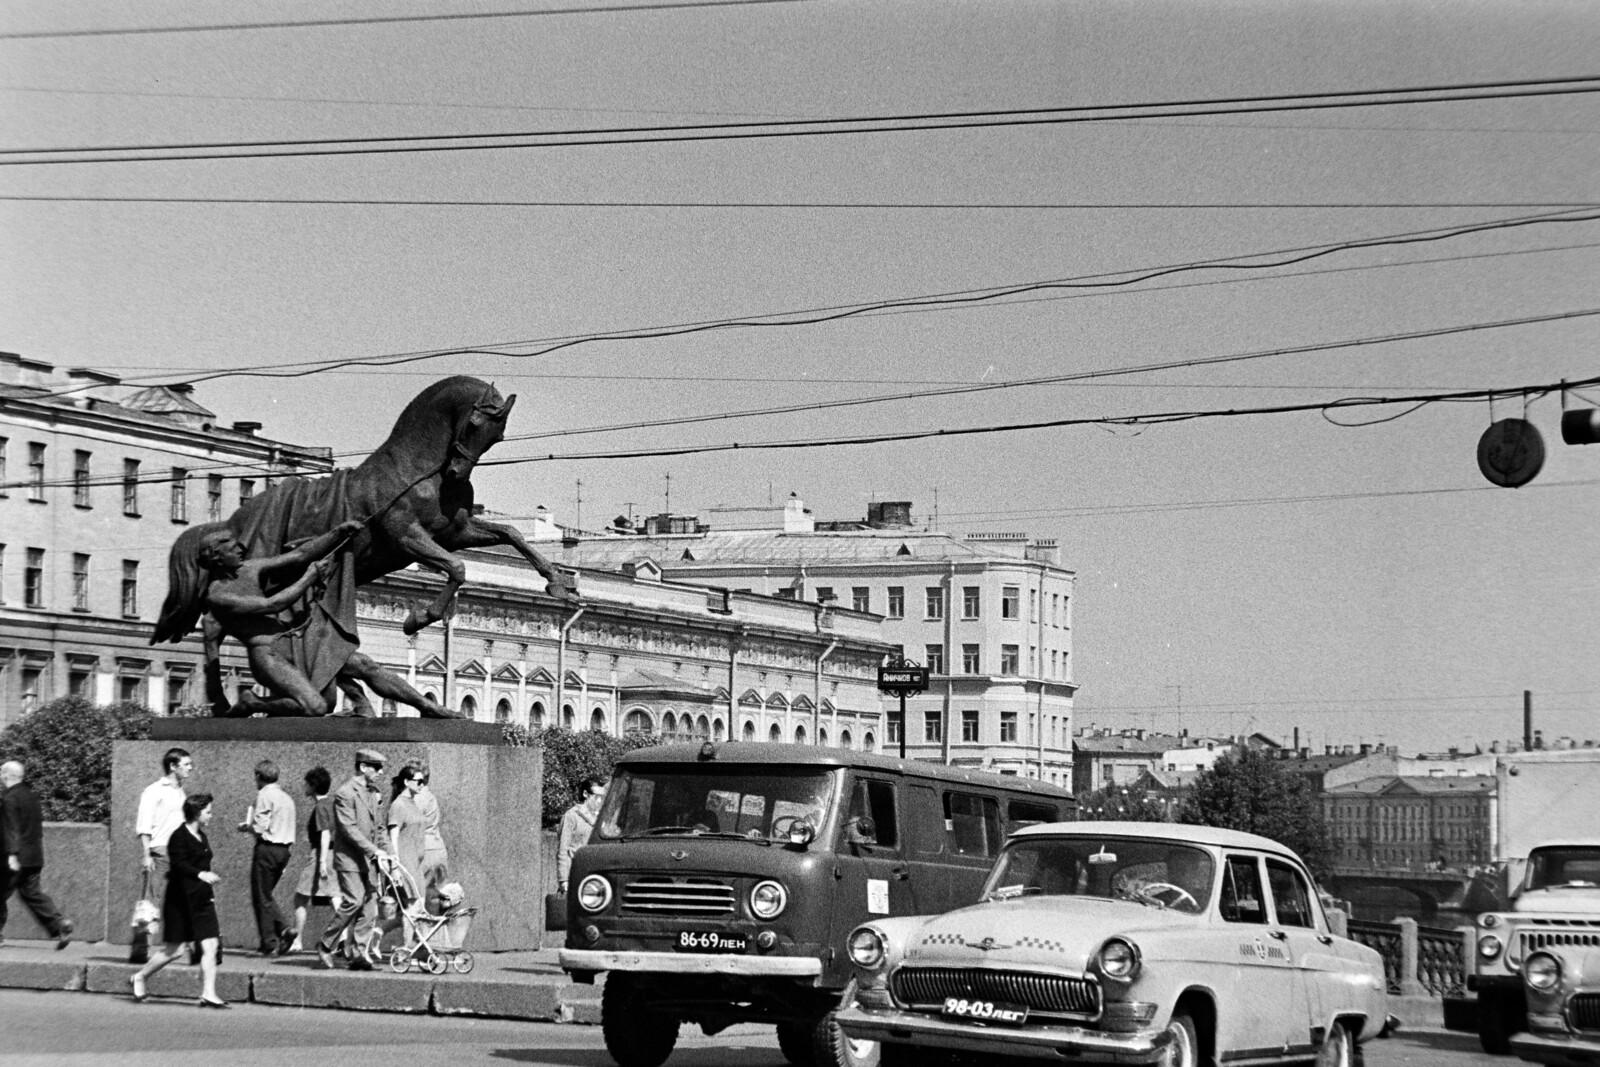 1970. Ленинград. Невский проспект, Аничков мост1